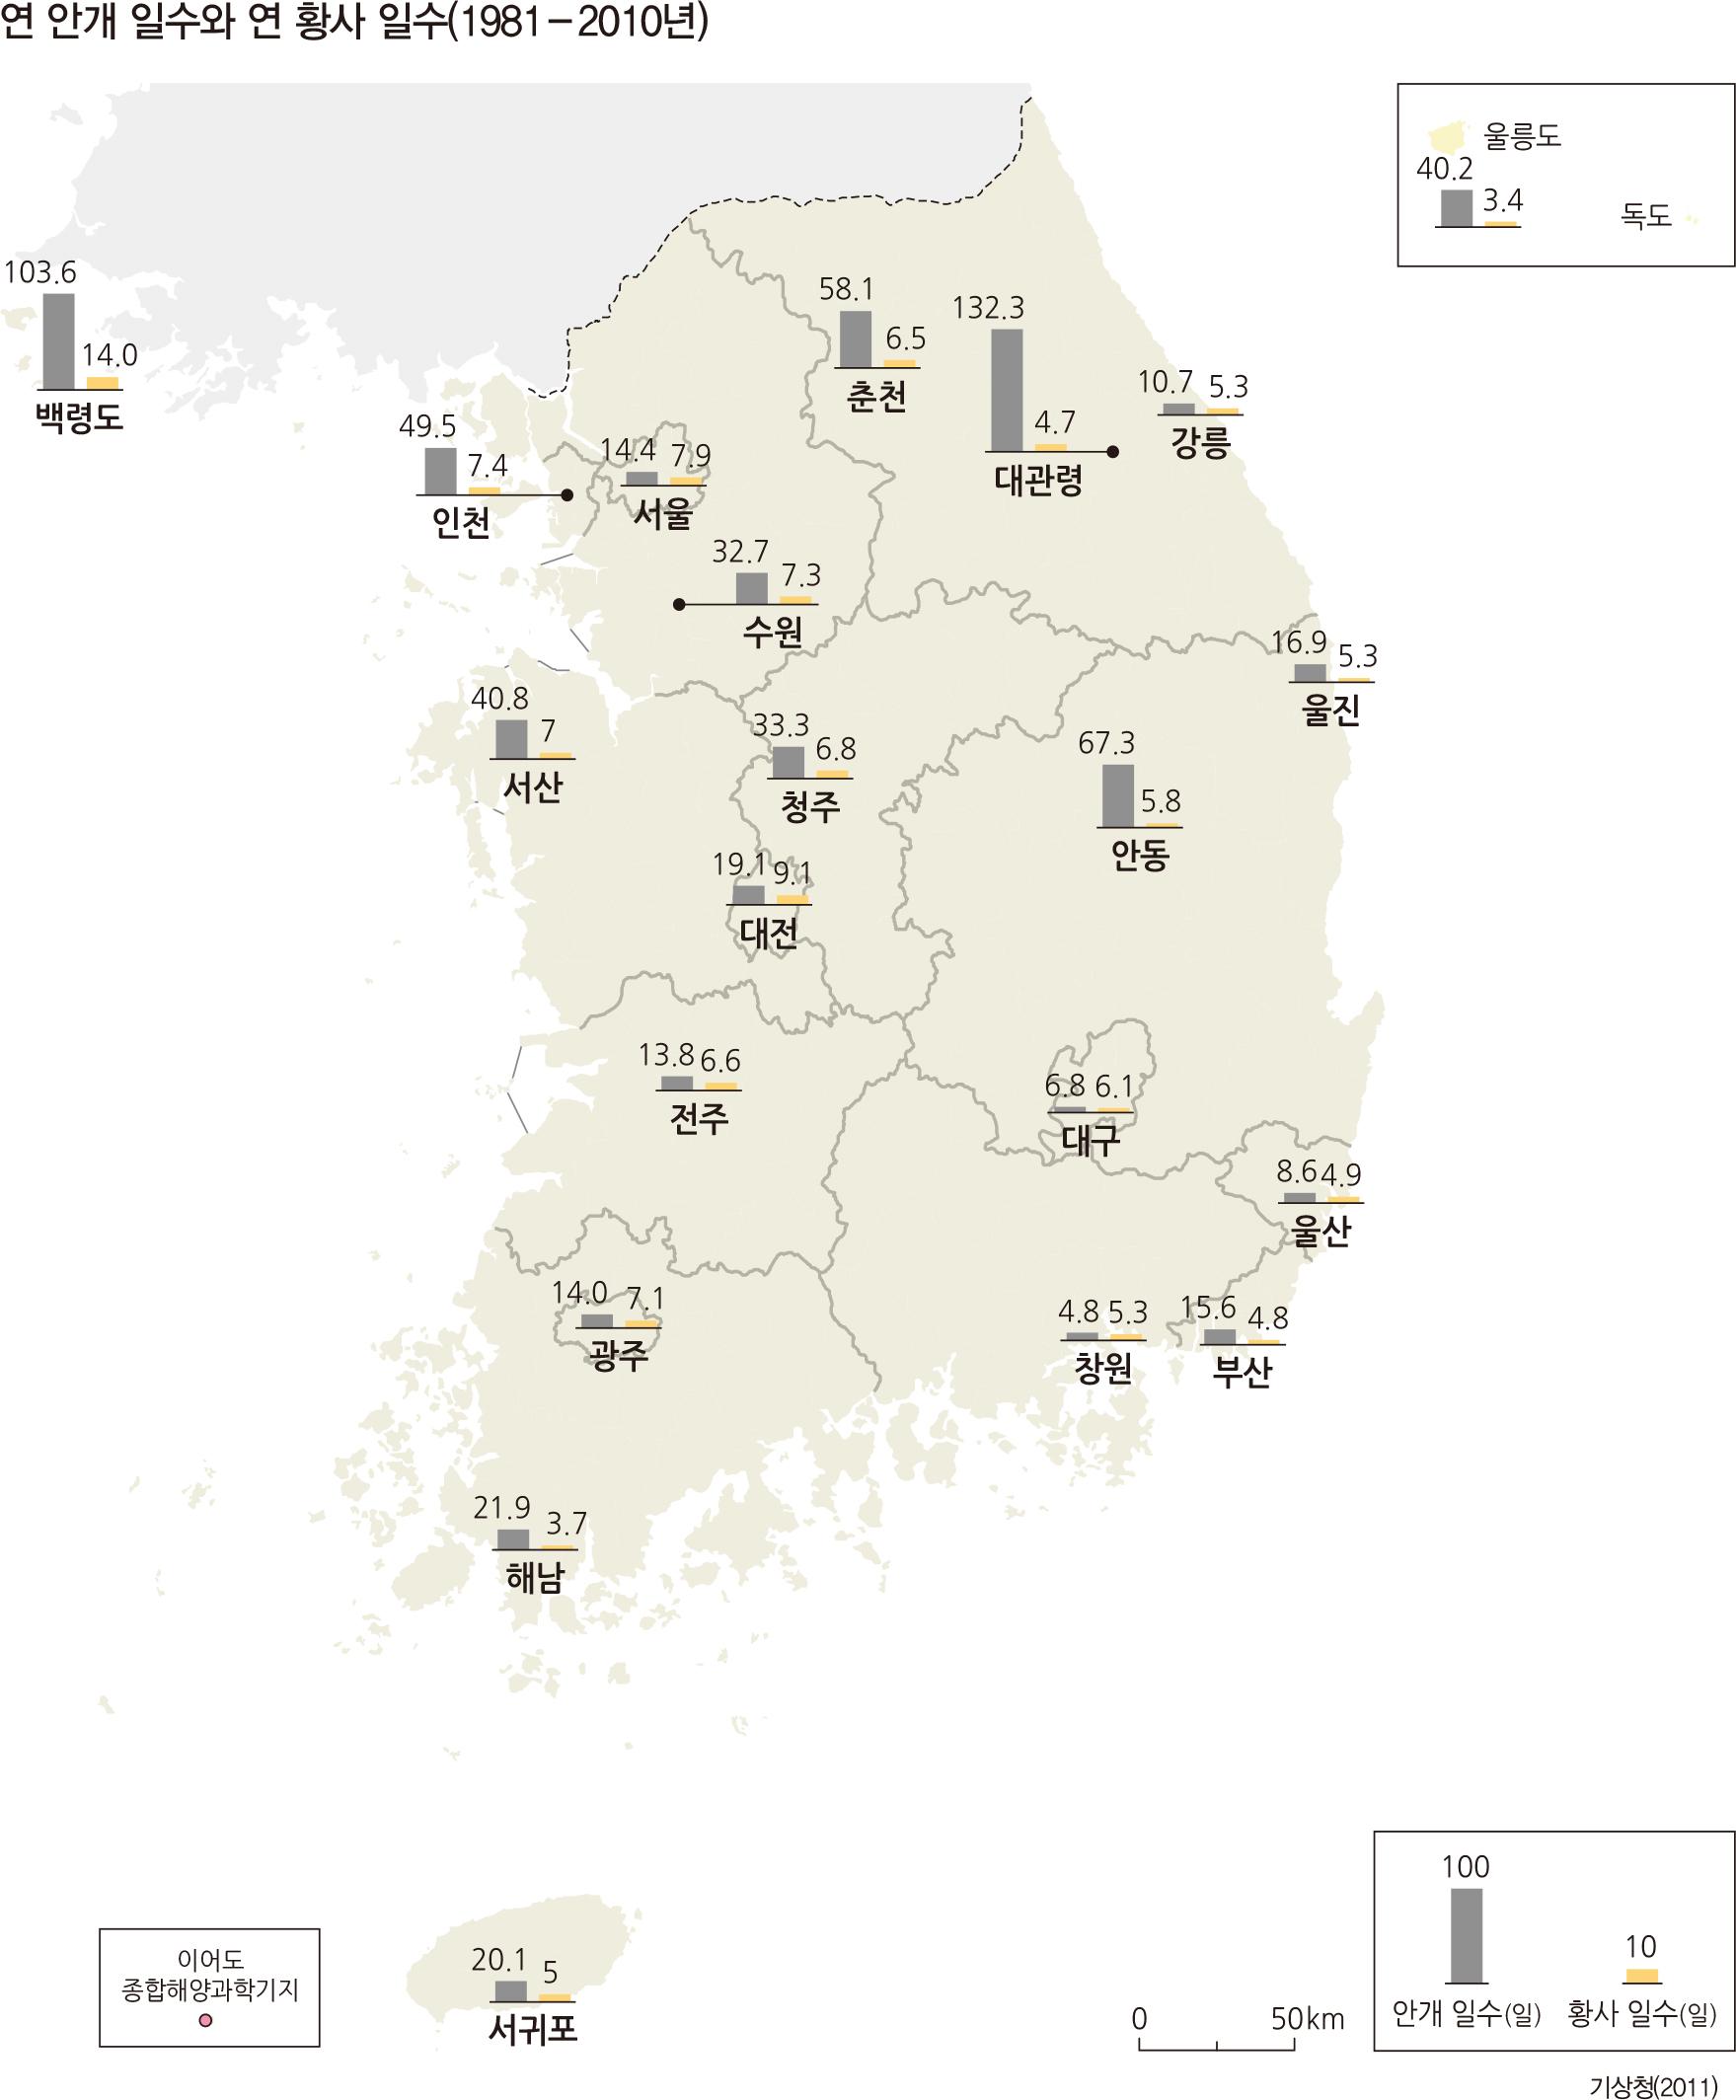 연 안개 일수와 연 황사 일수(1981-2010년)